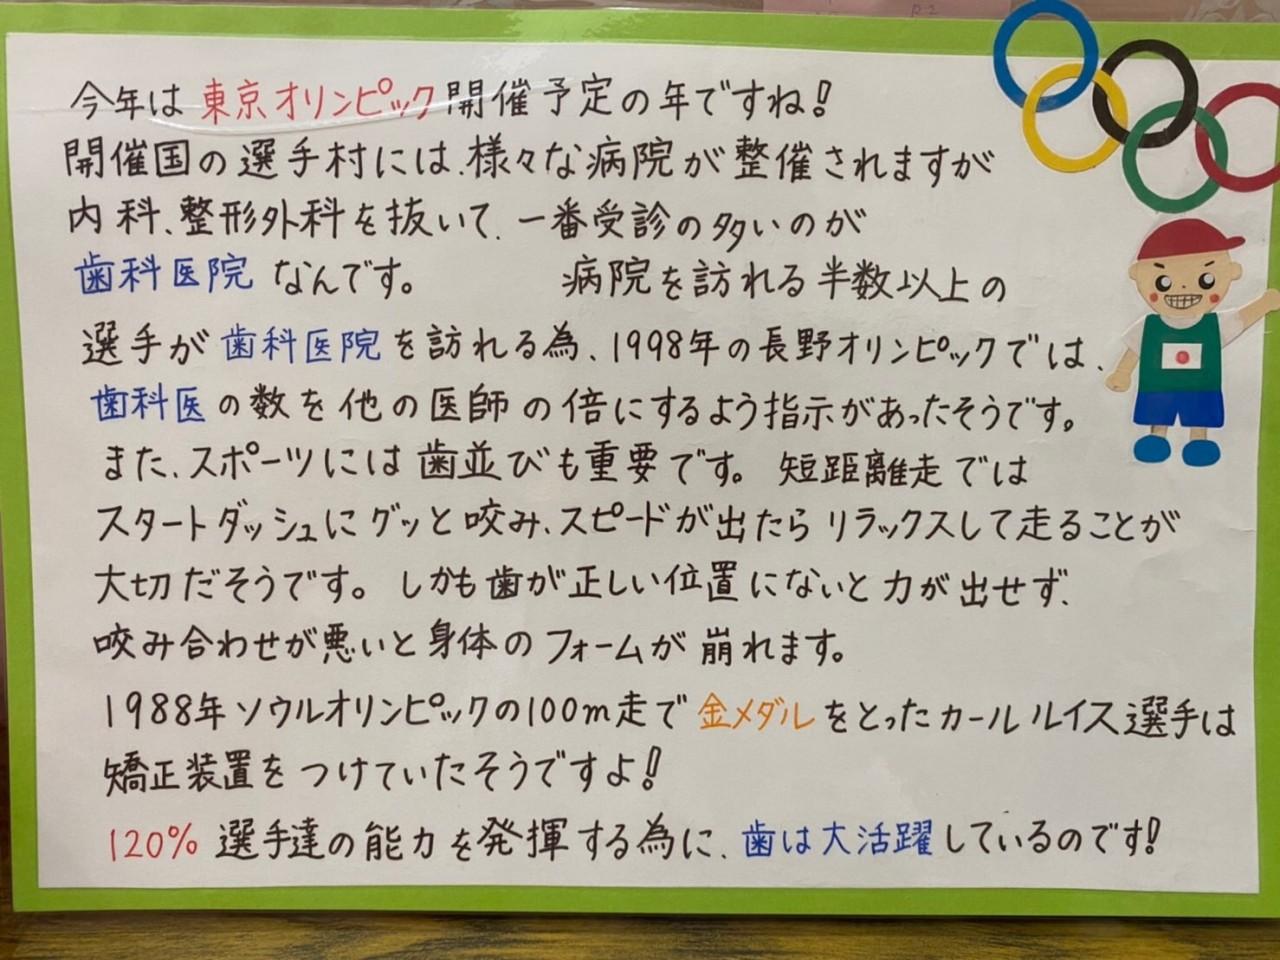 今年は東京オリンピック開催予定の年ですね! 開催国の選手村には、様々な病院が整備されますが内科、整形外科を抜いて、一番受信の多いのが歯科医院なんです。 病院を訪れる半数以上の選手が歯科医院を訪れる為、1998年の長野オリンピックでは、歯科医の数を他の医師の倍にするよう指示があったようです。 また、スポーツには歯並びも重要です。短距離走ではスタートダッシュにグッと咬み、スピードが出たらリラックスして走ることが大切だそうです。しかも歯が正しい位置にないと力が出せず、咬み合わせが悪いと身体のフォームが崩れます。 1988年ソウルオリンピックの100m走で金メダルをとったカール・ルイス選手は矯正装置をつけていたそうですよ! 120%選手達の能力を発揮する為に、歯は大活躍しているのです!